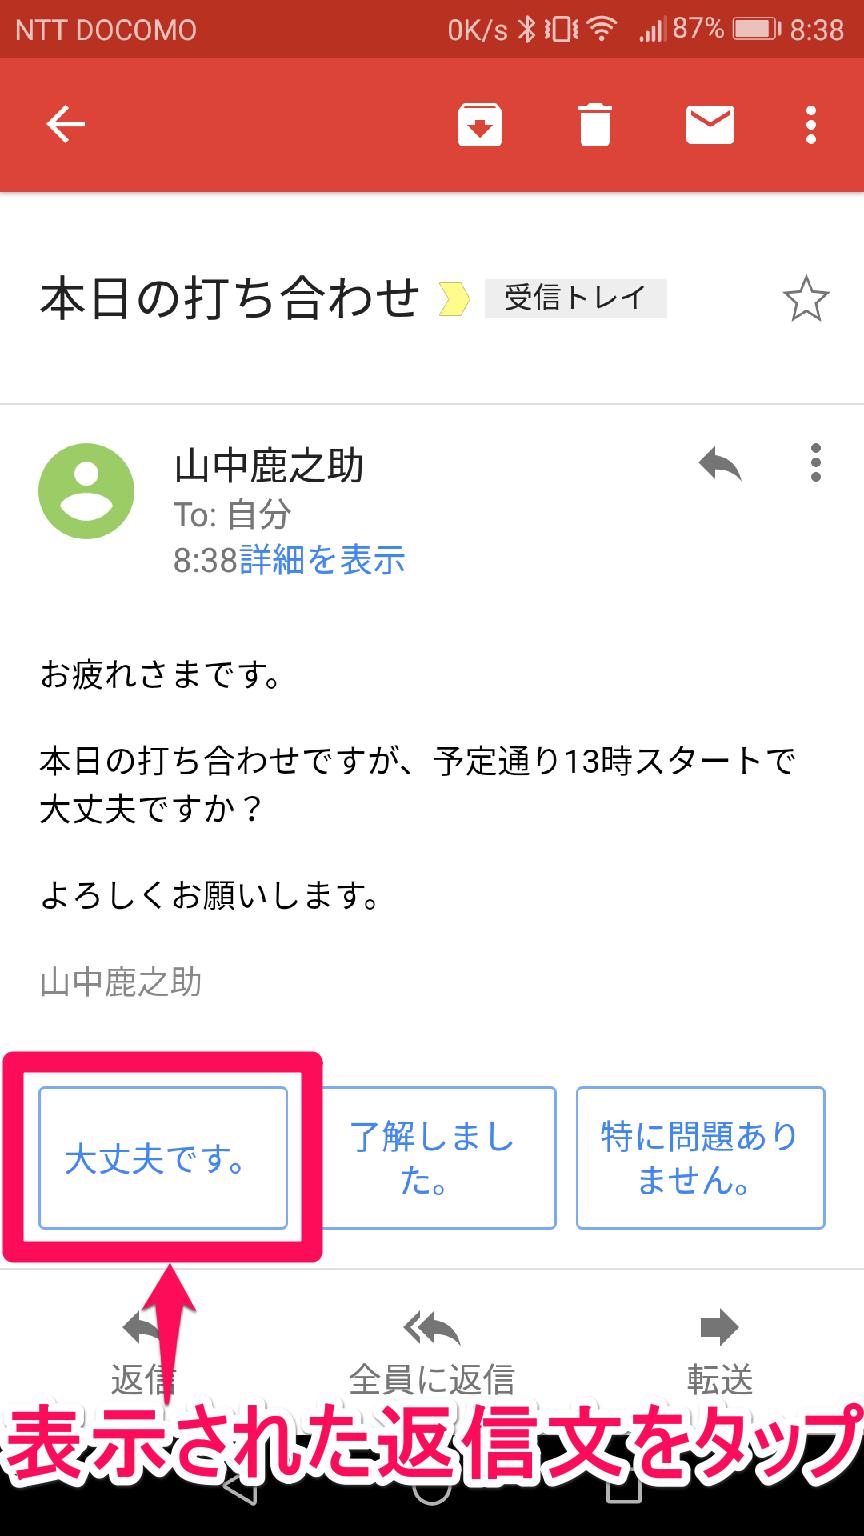 Gmail(ジーメール)のSmart Reply(スマートリプライ)でメッセージ文案を選択する画面